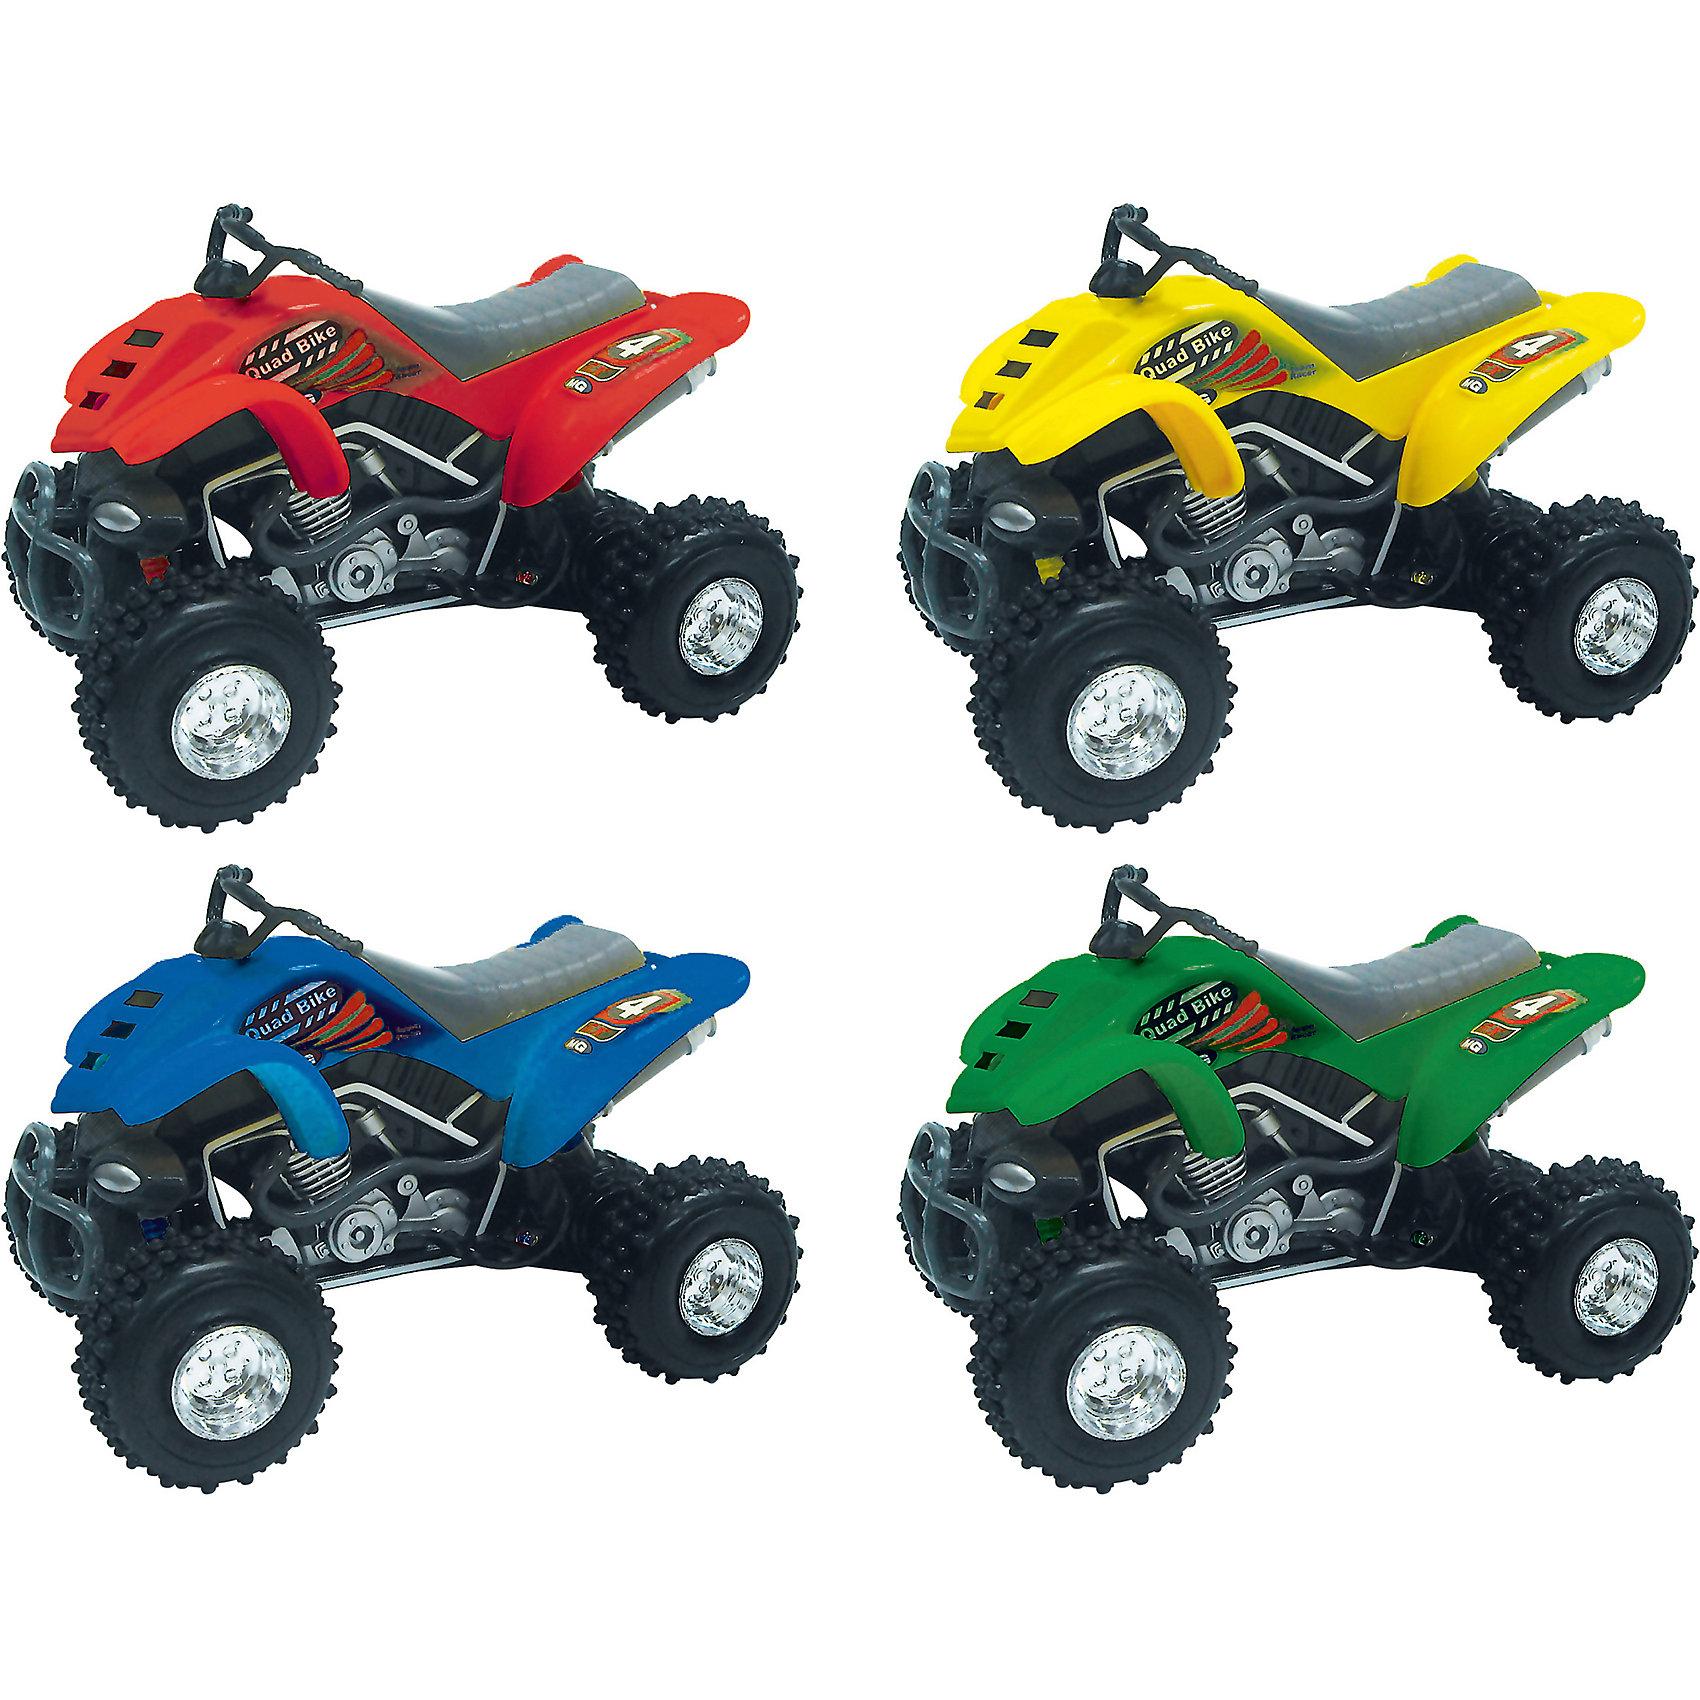 Мотоцикл Quadrobike Monster 1:16, AutotimeПластмассовые конструкторы<br><br><br>Ширина мм: 350<br>Глубина мм: 158<br>Высота мм: 120<br>Вес г: 15<br>Возраст от месяцев: 36<br>Возраст до месяцев: 2147483647<br>Пол: Мужской<br>Возраст: Детский<br>SKU: 5584122